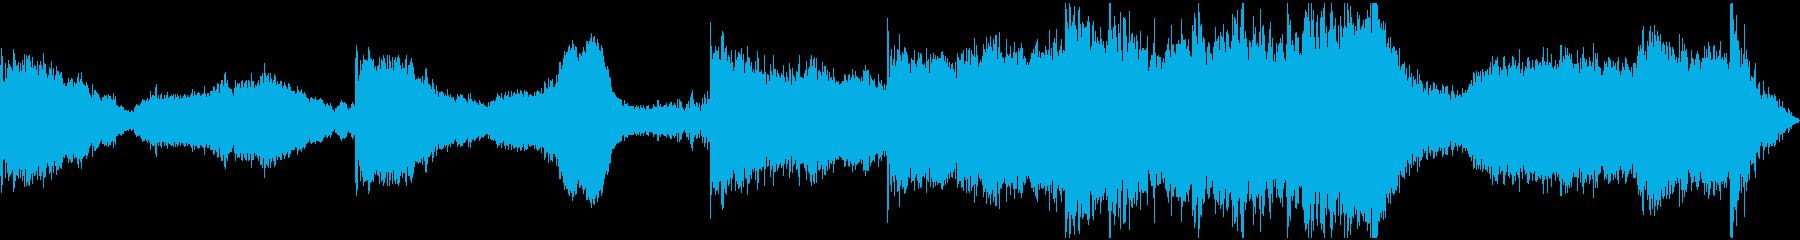 フィルムオーケストラインストゥルメ...の再生済みの波形